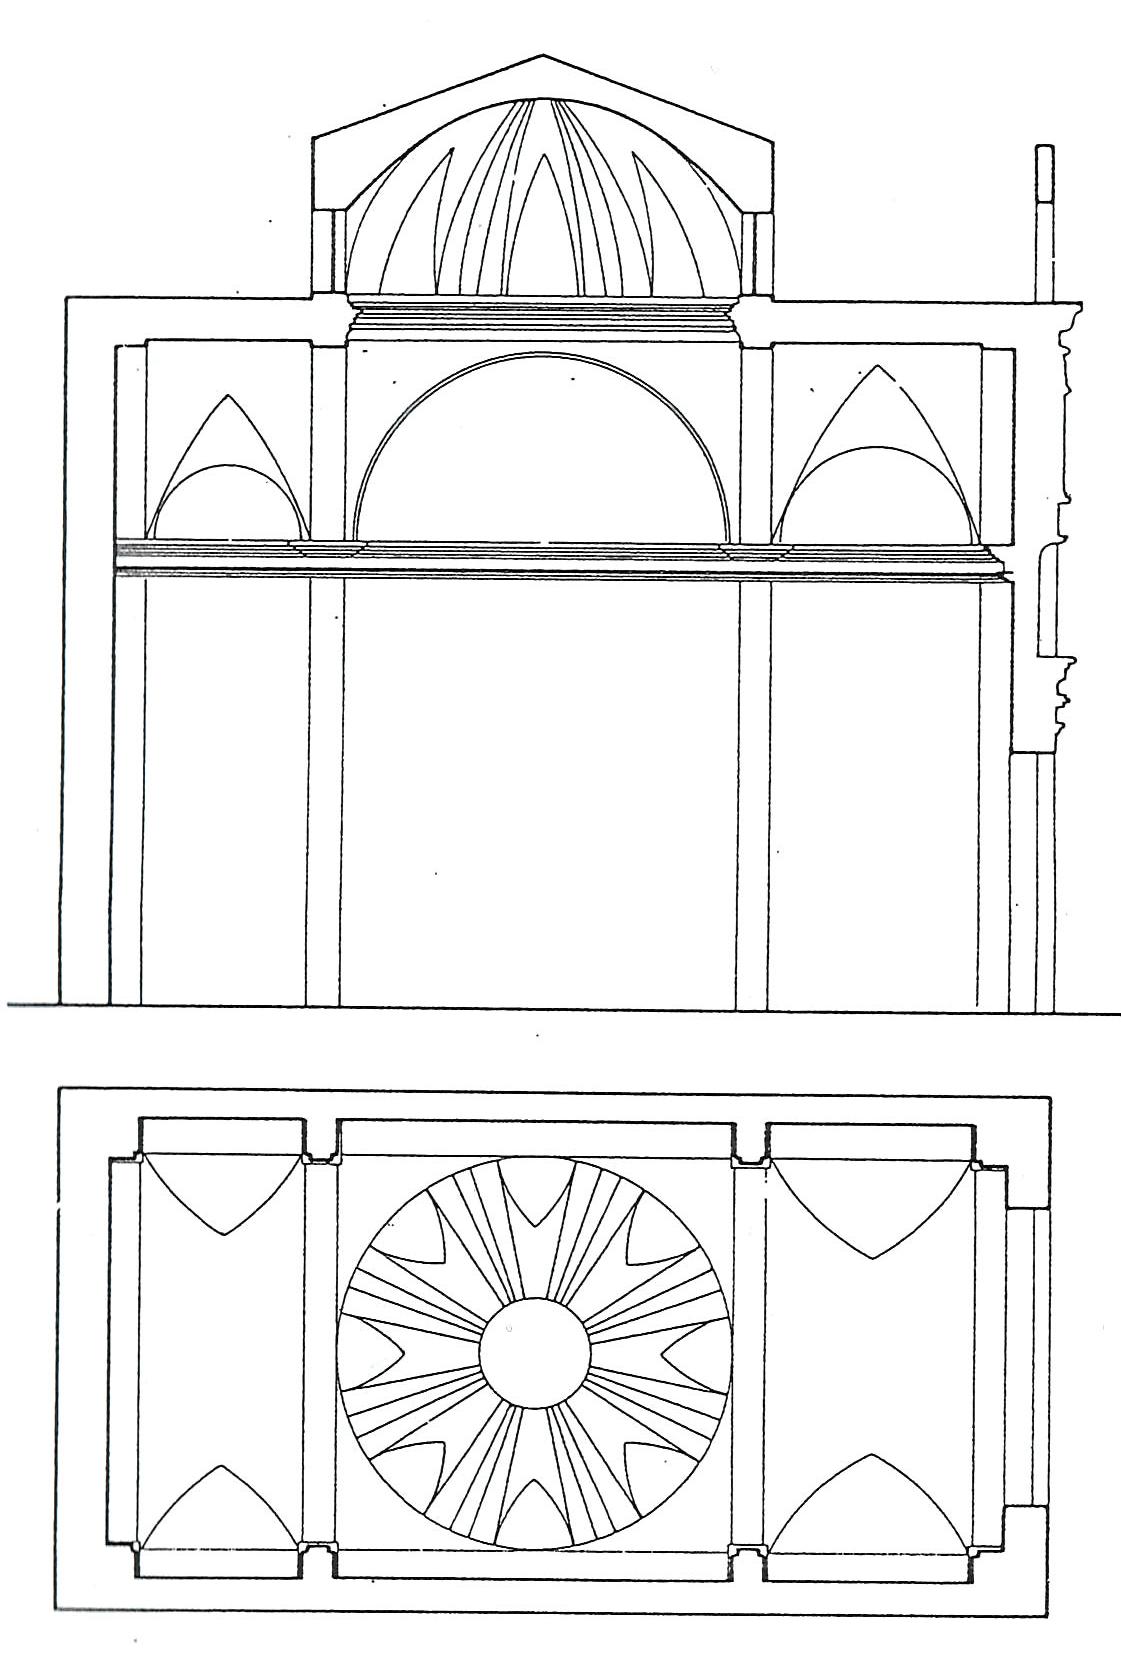 Roque planta